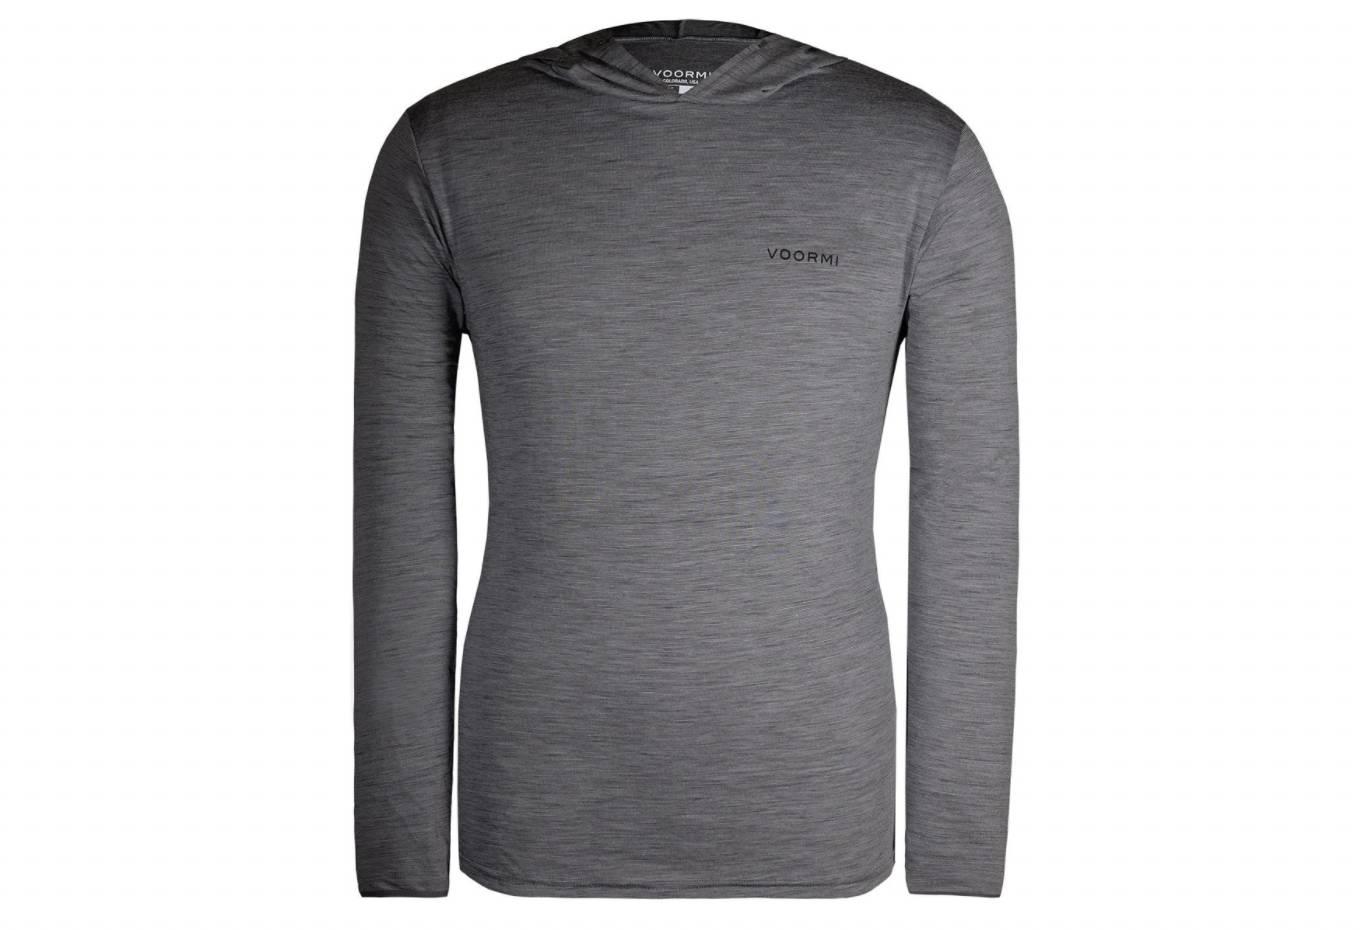 voormi ultralight wool hoodie in gray